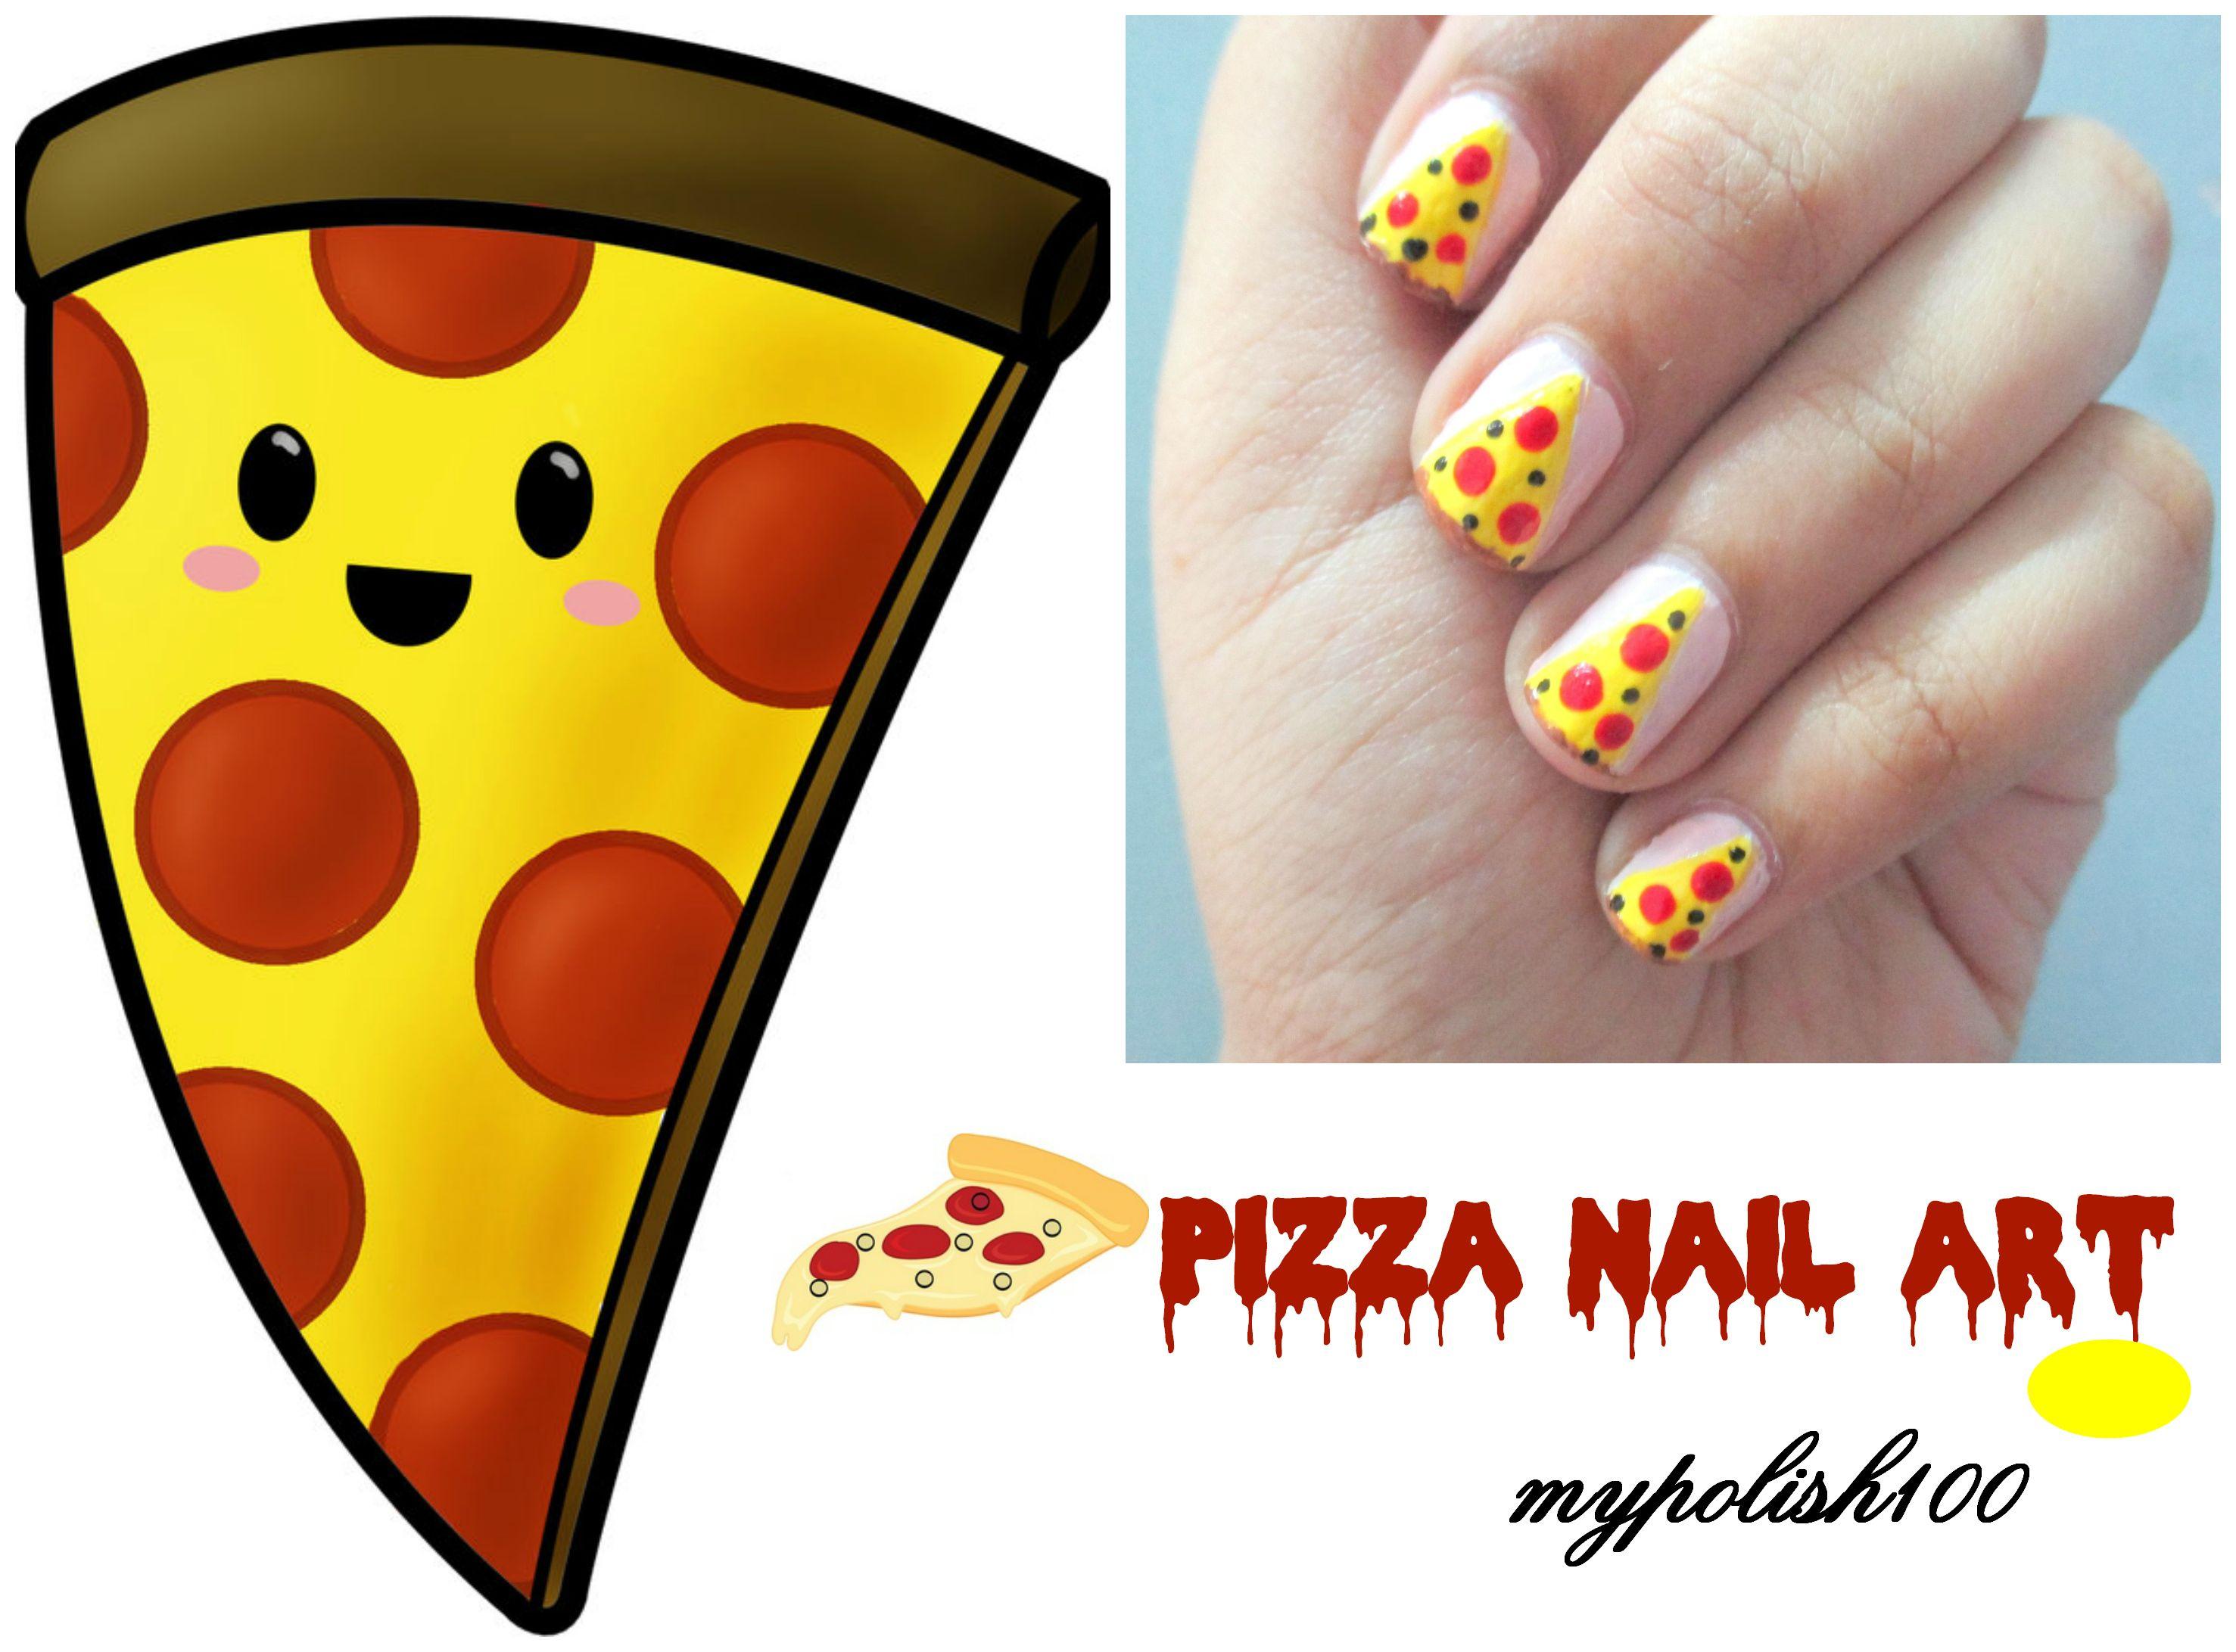 Pizza nail art! #pizza #nailart #pizzanailart #food | ♡♡Nail art ...